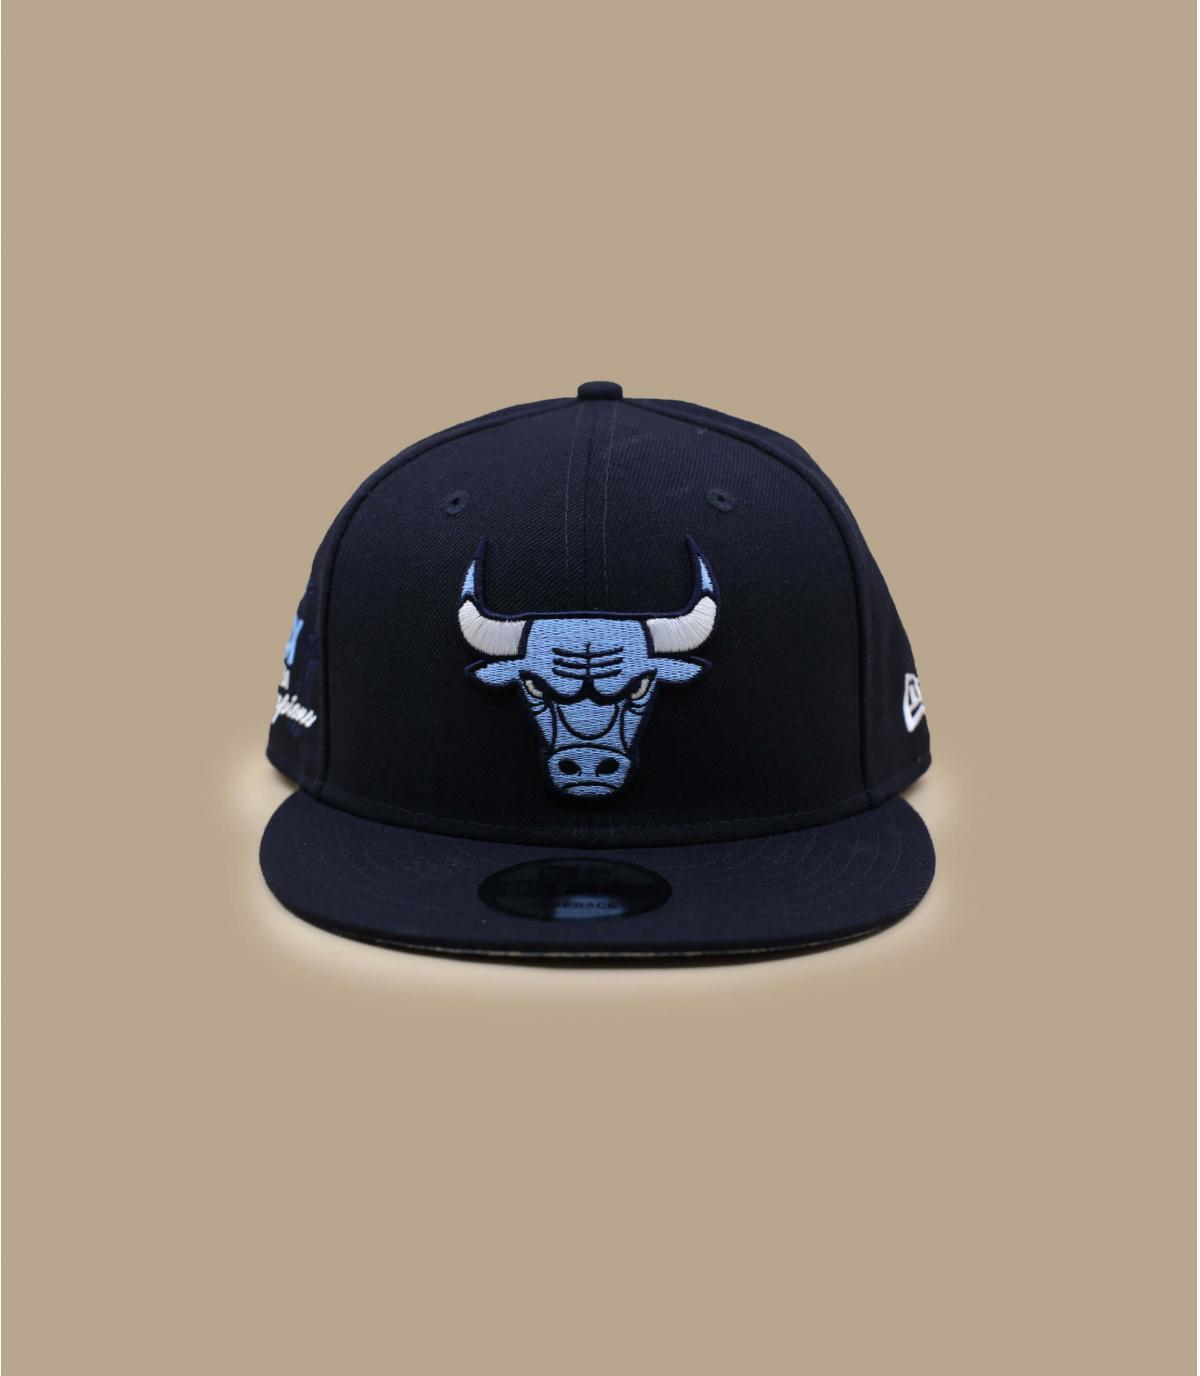 Casquette Chicago Bulls bandana bleu